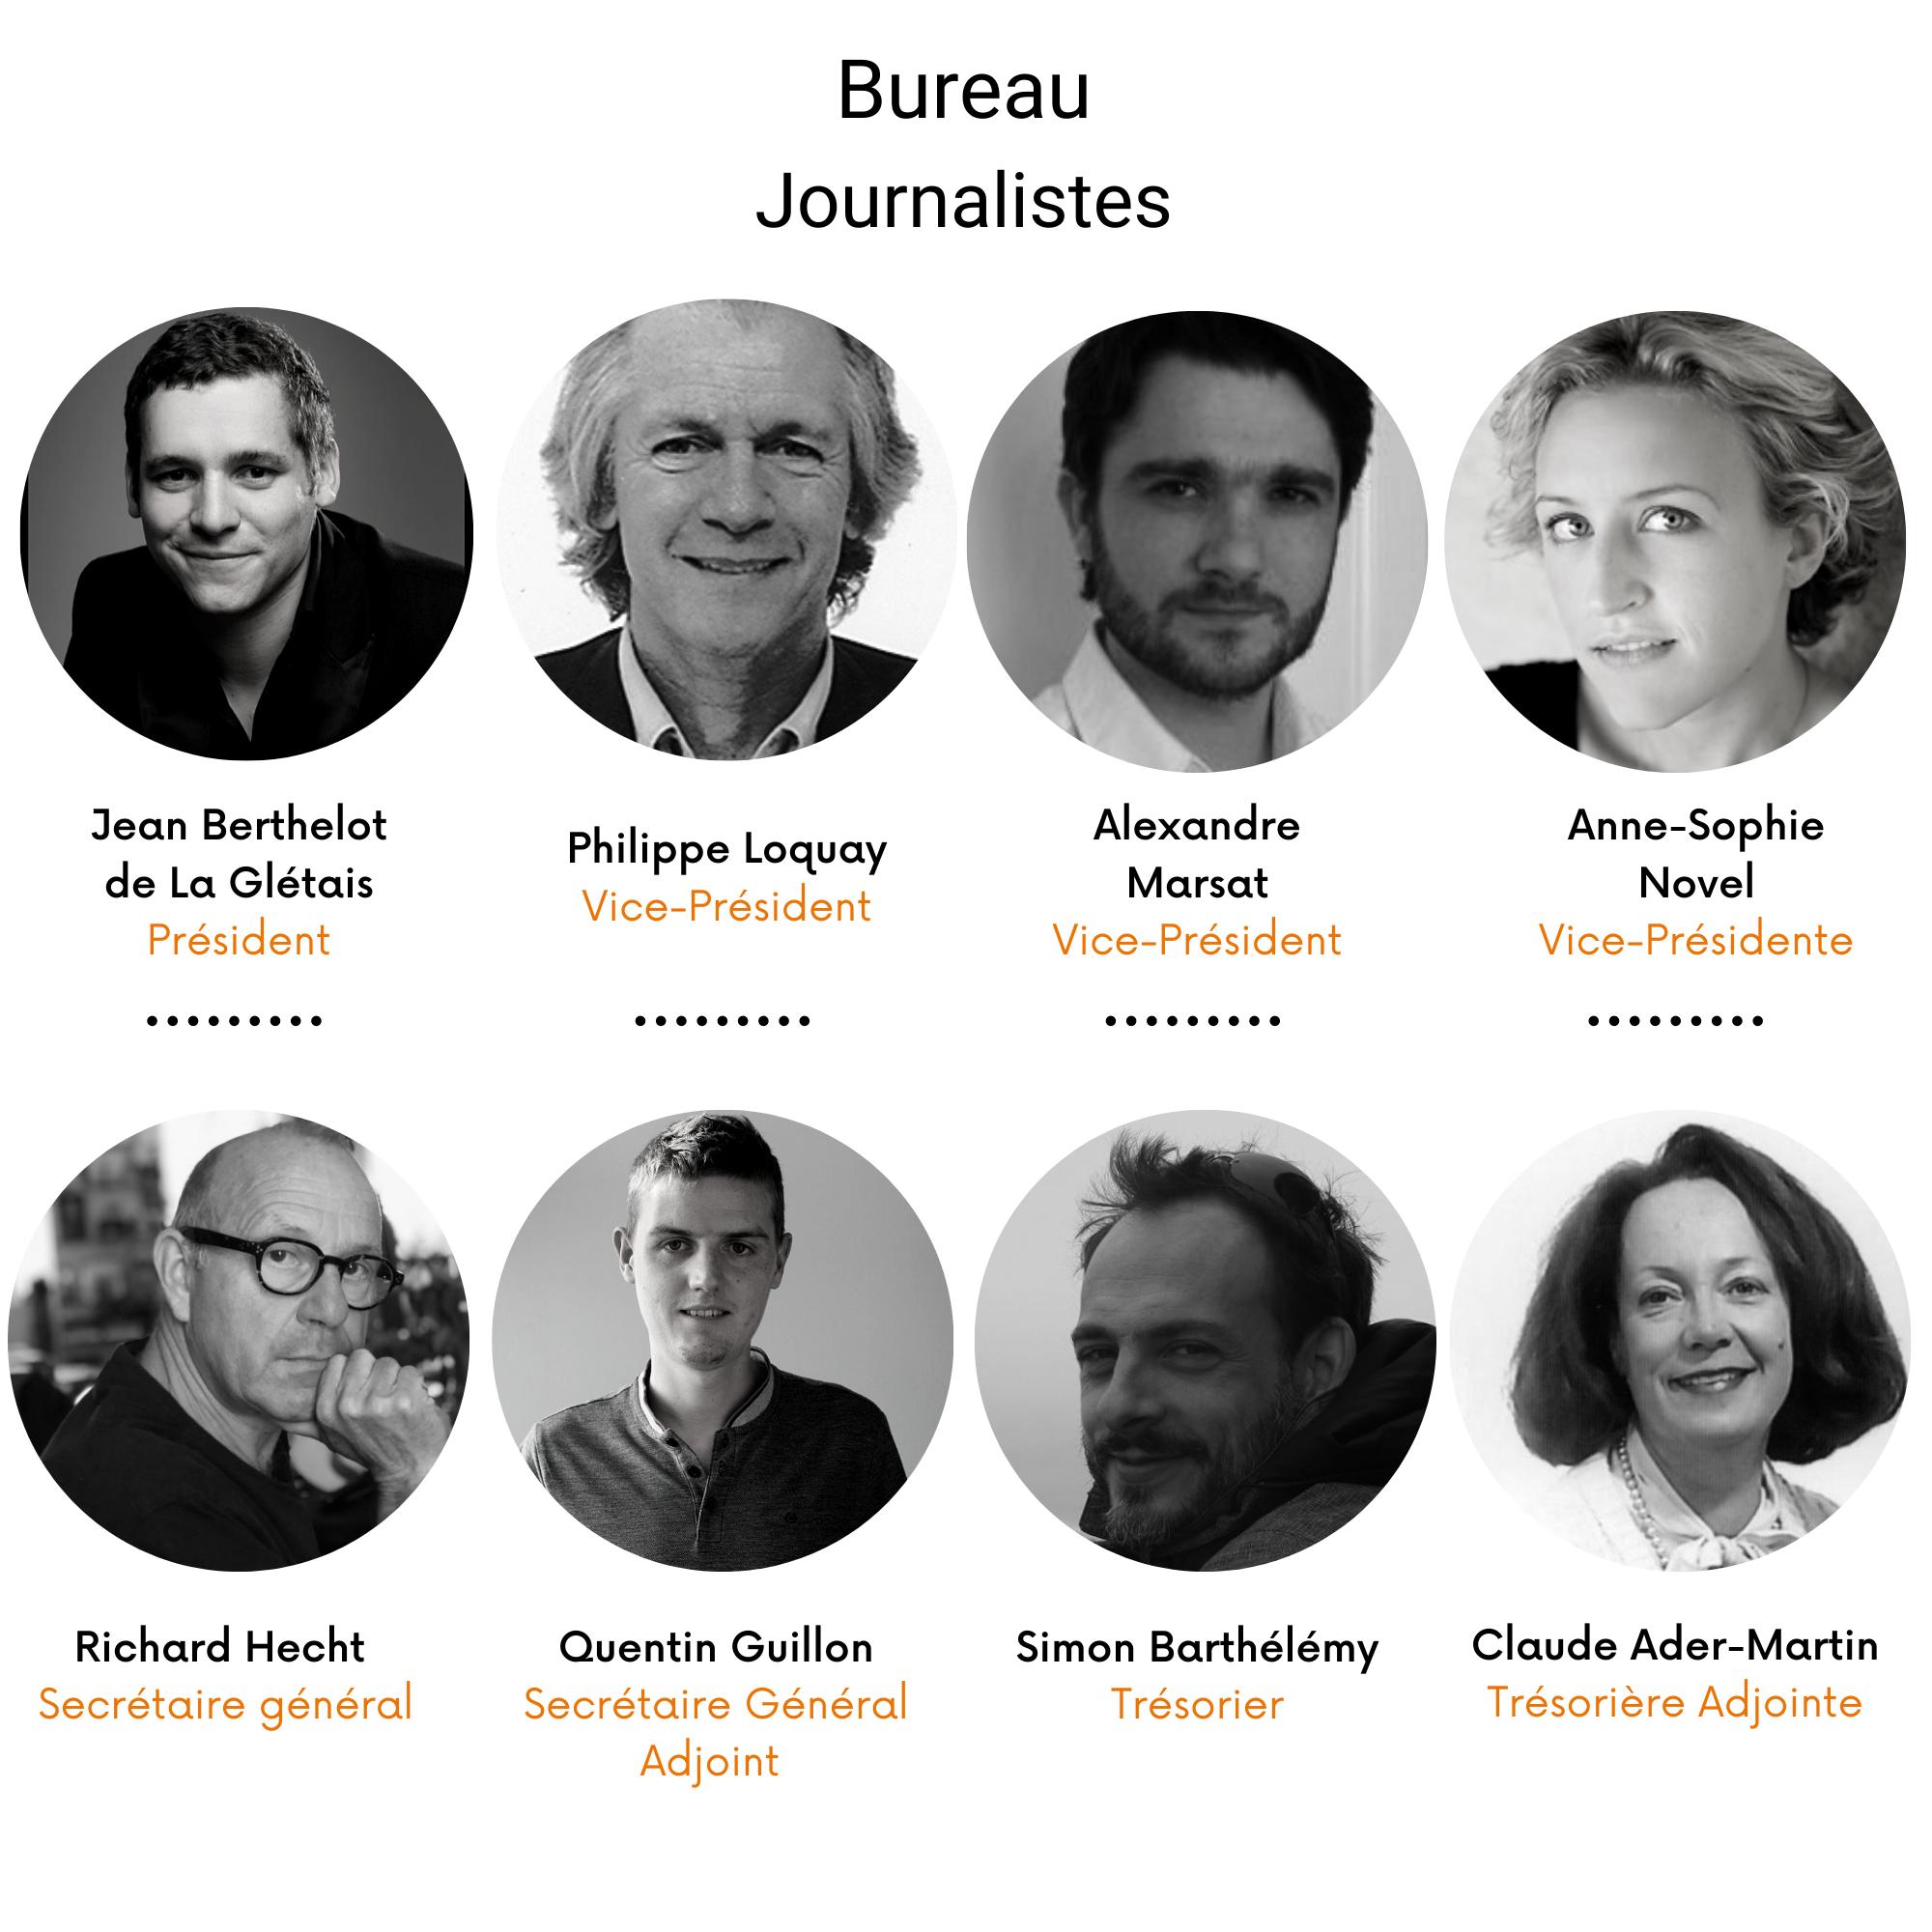 Bureau Journalistes 2021